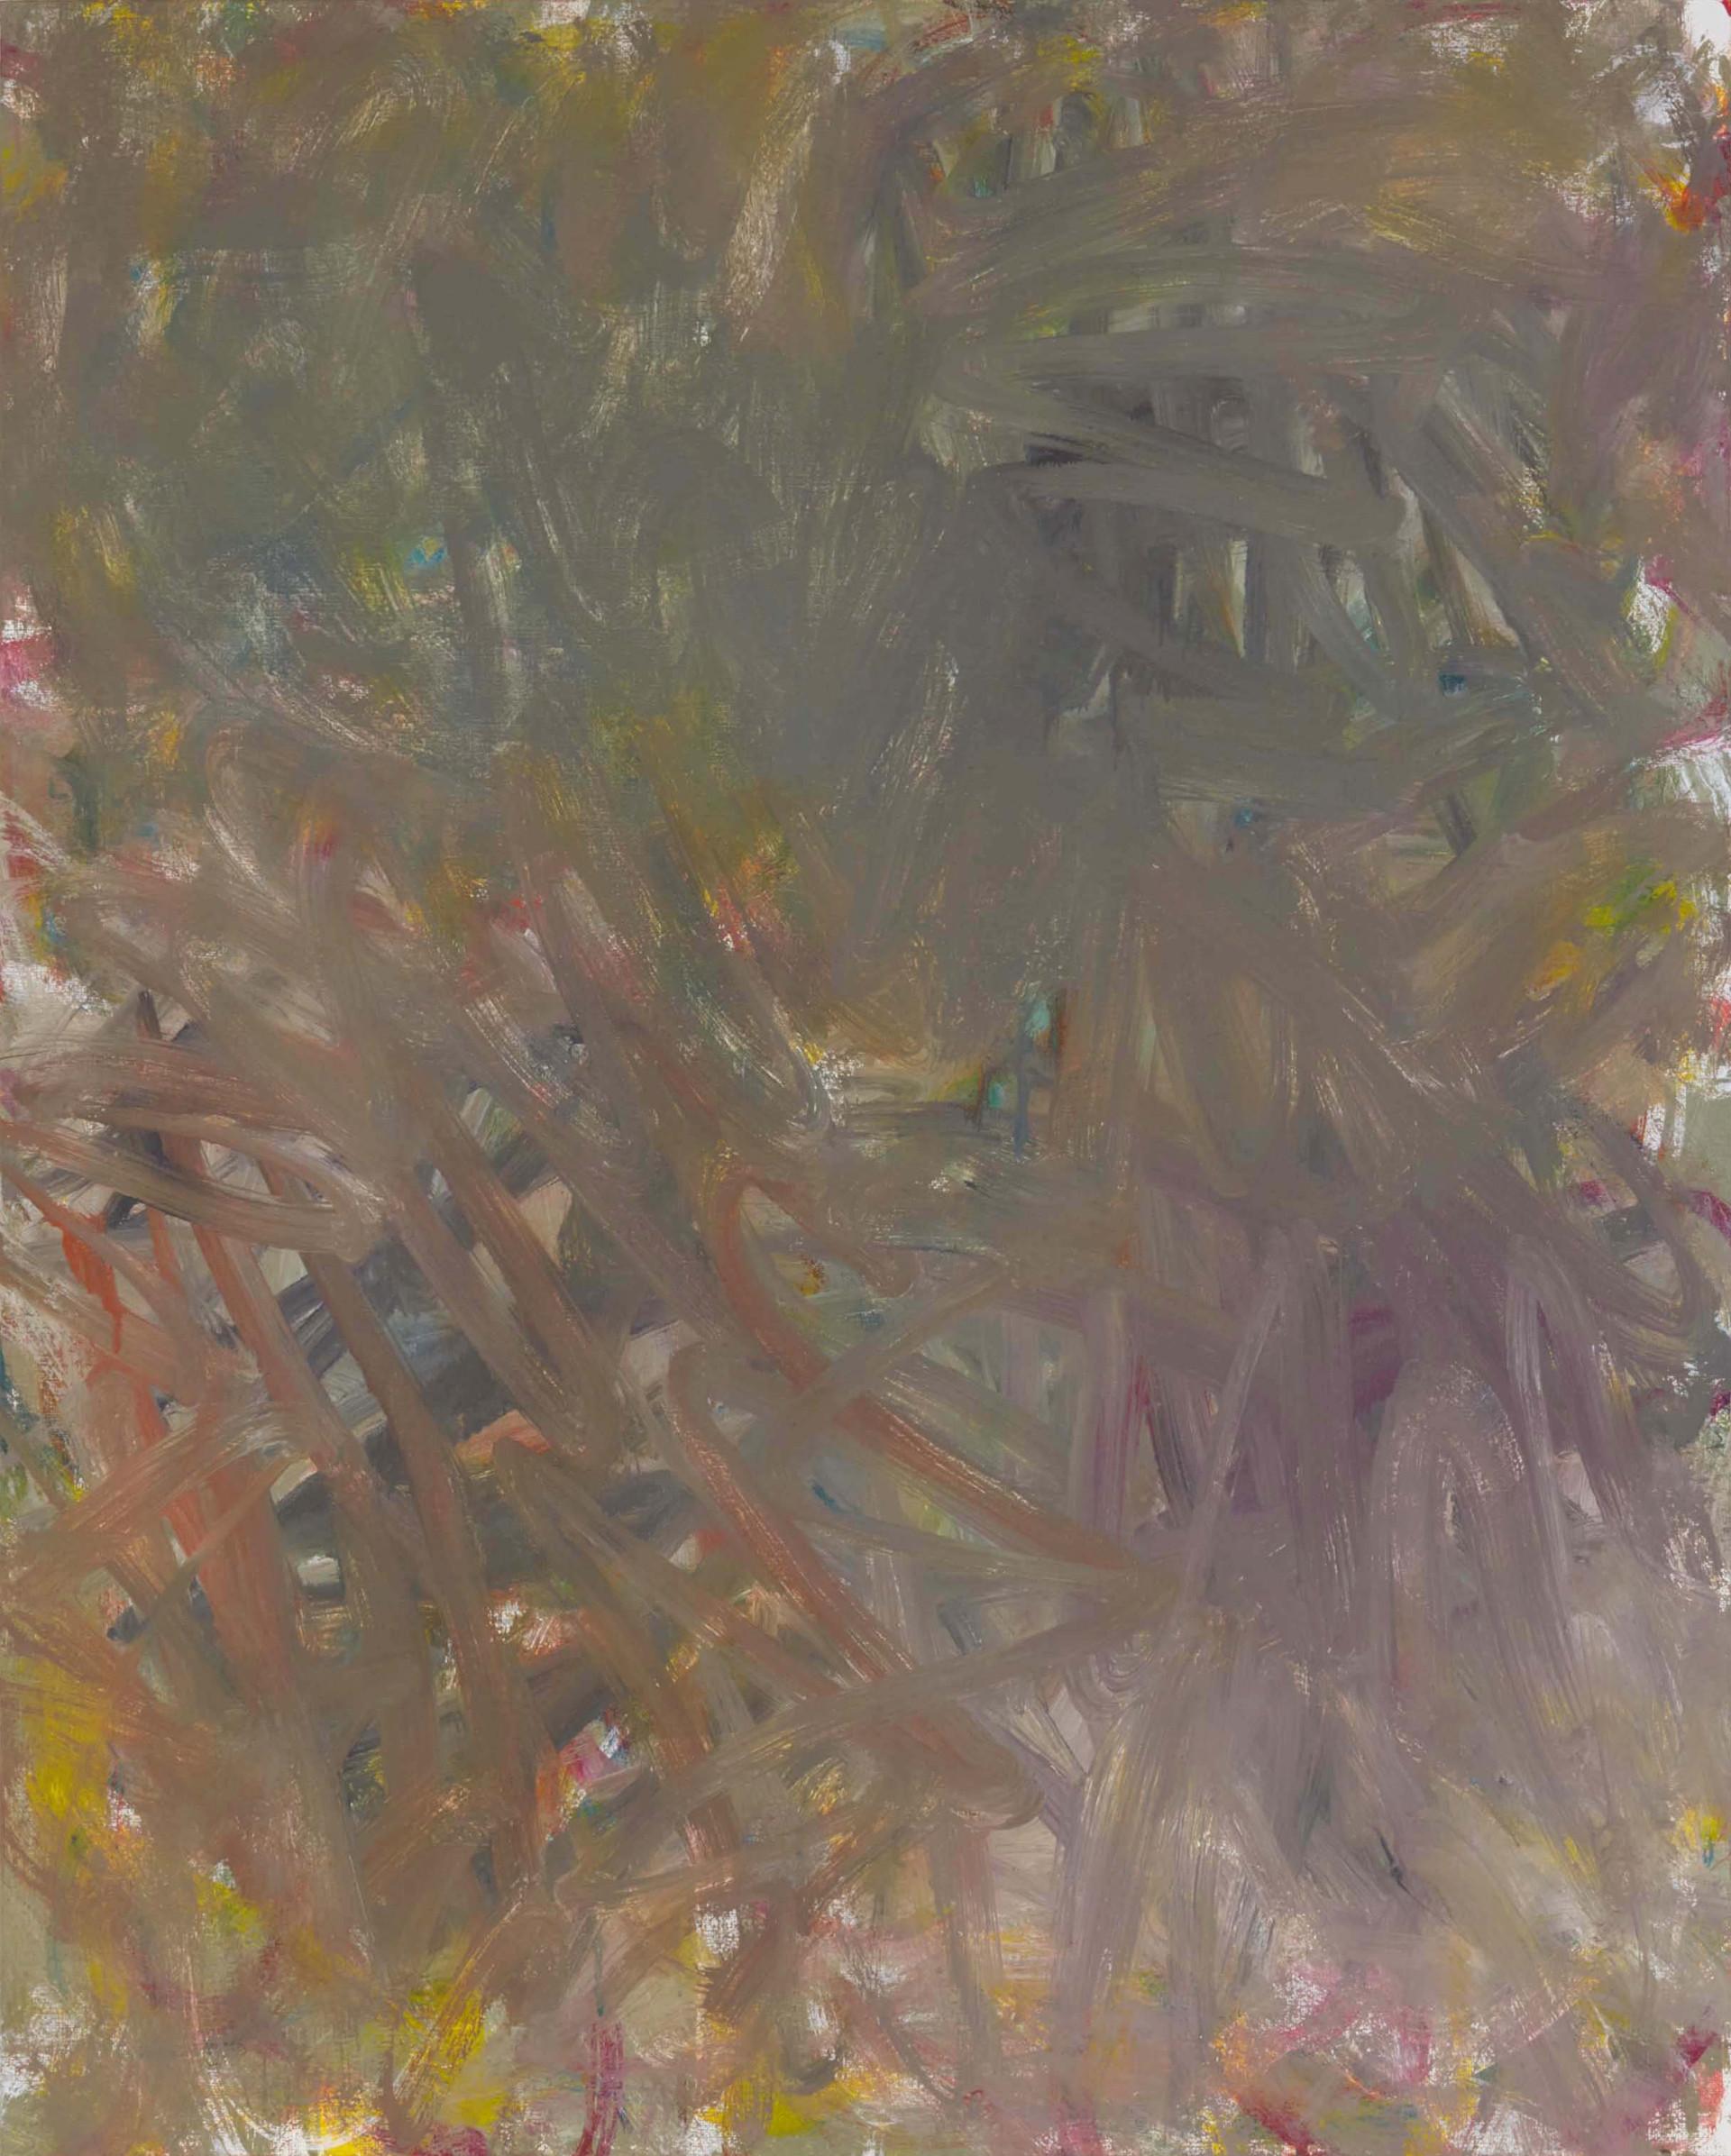 Sans titre (LA 01-15), 2019, acrylique sur toile, 81 x 65 cm